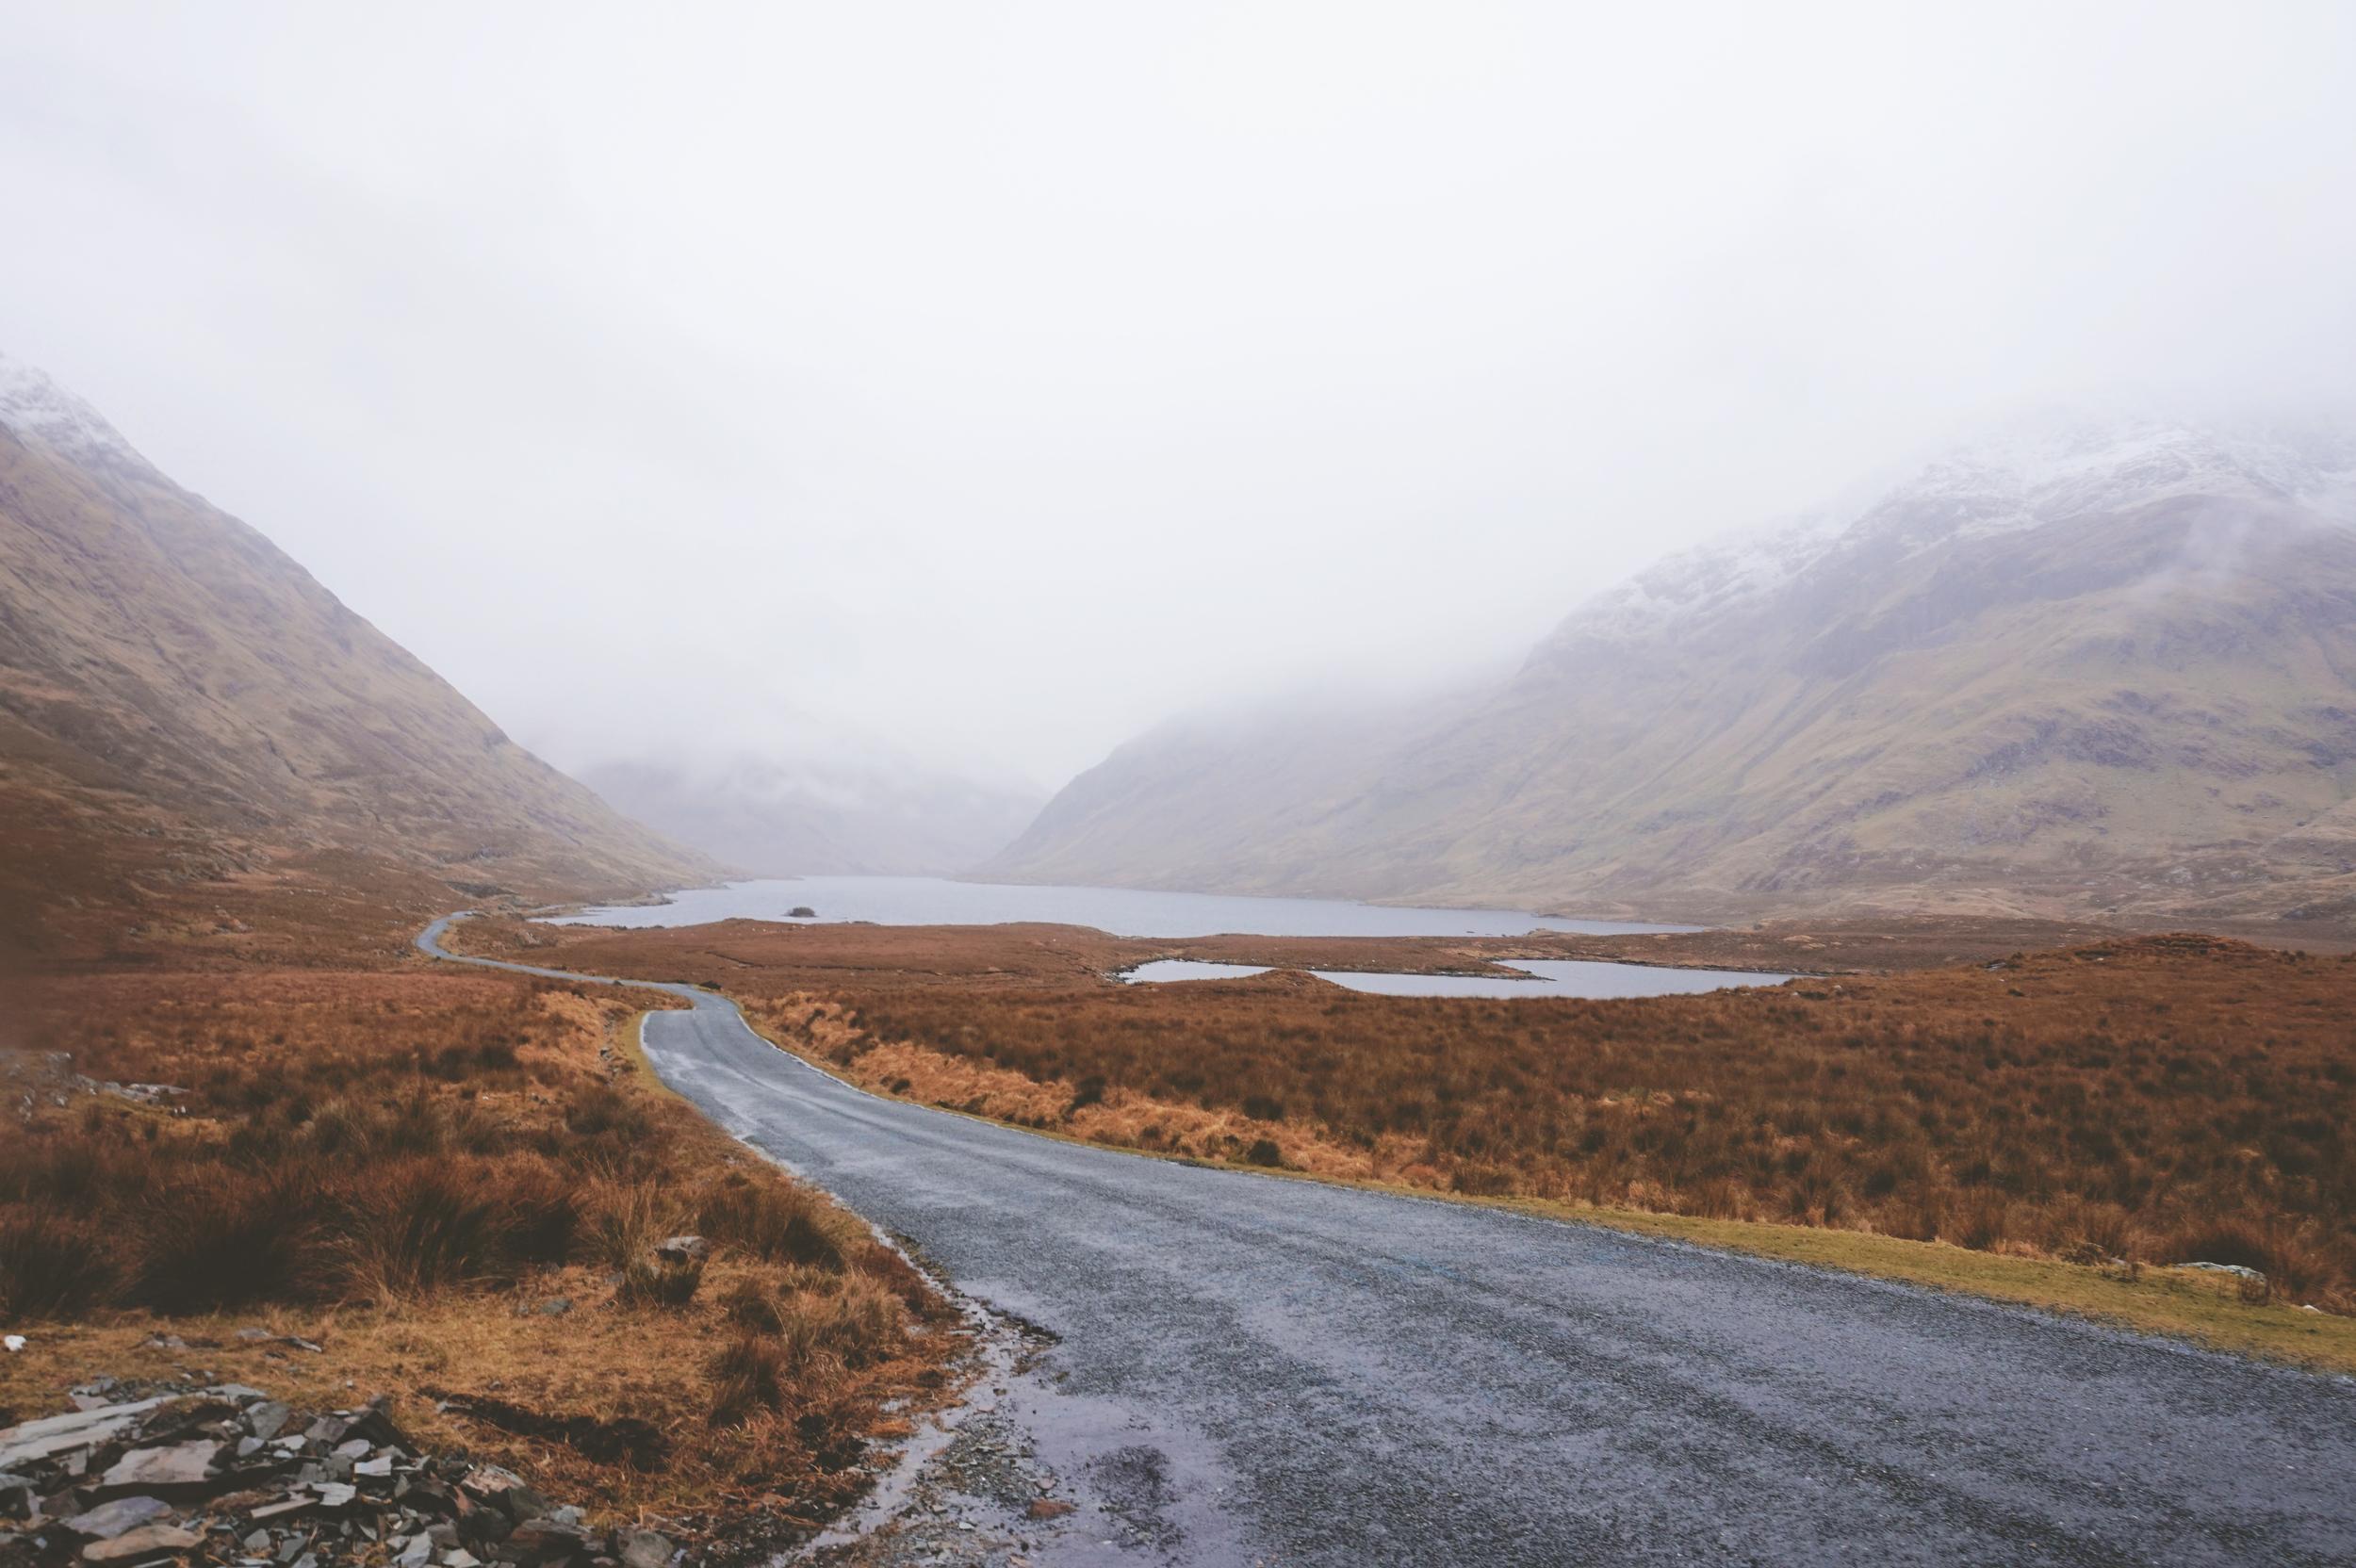 rainy-road-travel